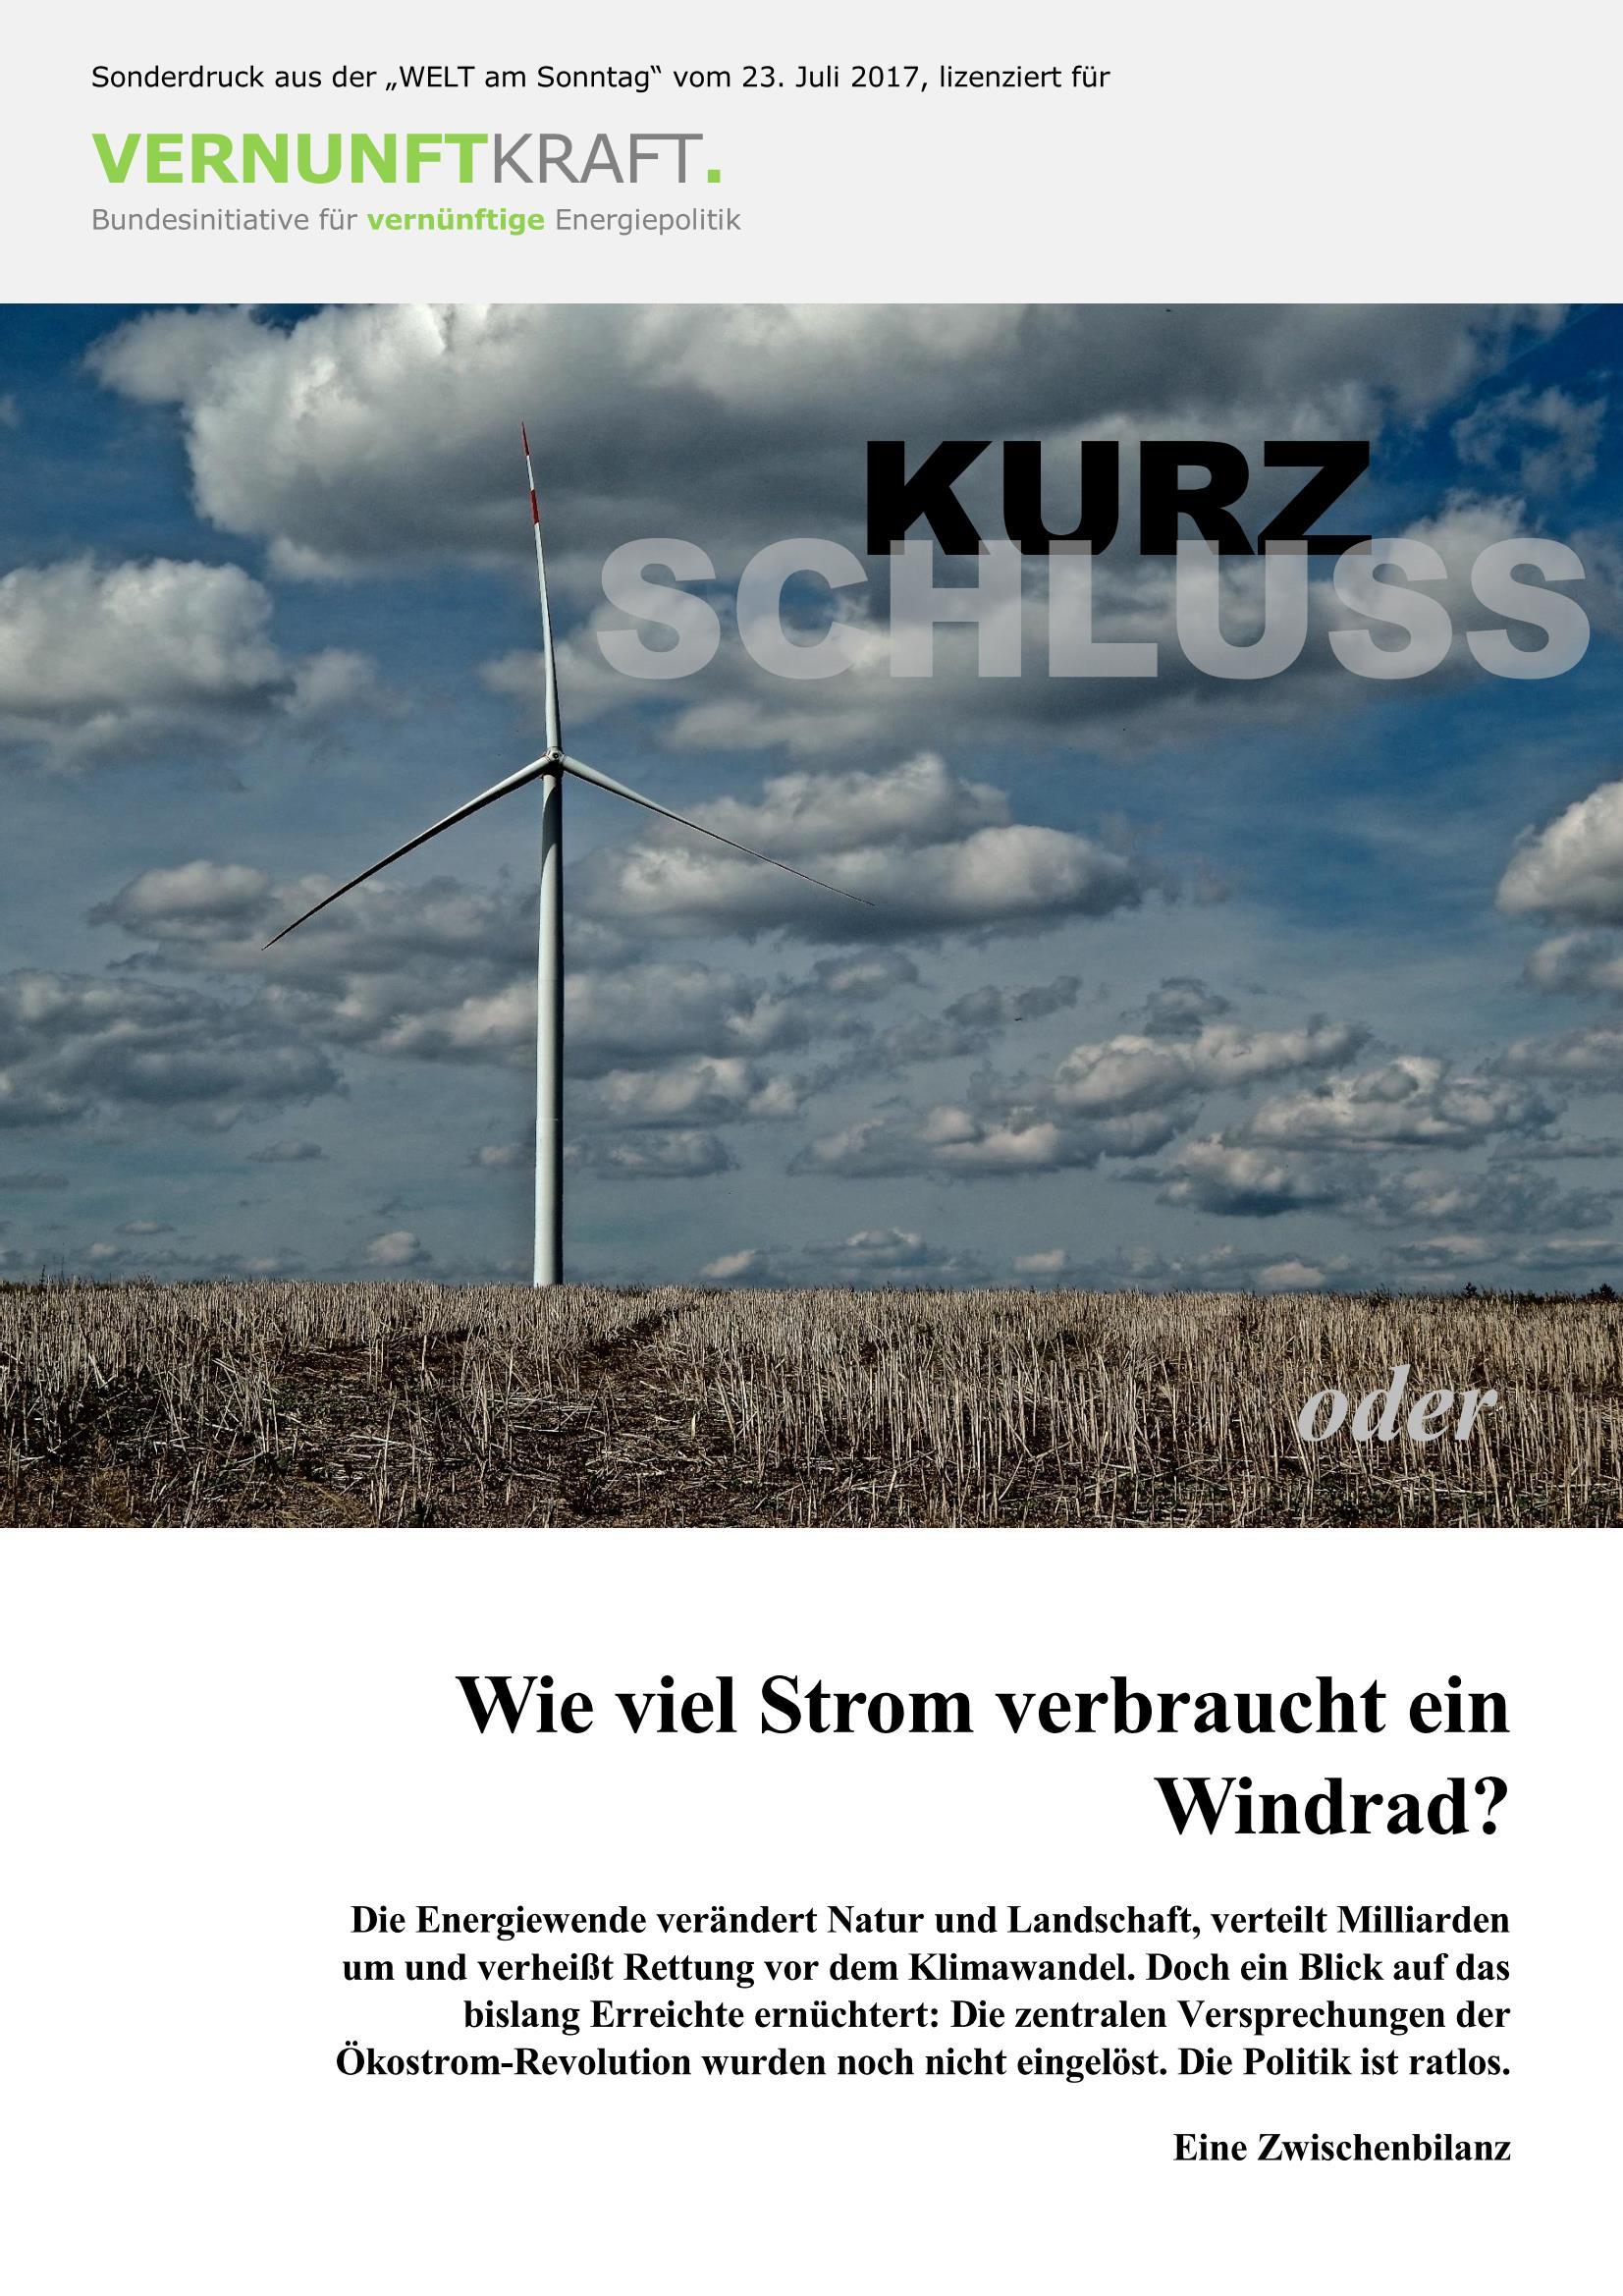 Beiträge - Themen: Energiewende, Windkraft, Windkraft im Odenwald, Auswirkungen auf Landschaft und geschützte Tierarten, Auswirkungen auf die Volkswirtschaft, Auswirkungen auf betroffene Anwohner, EEG, Versorgungssicherheit